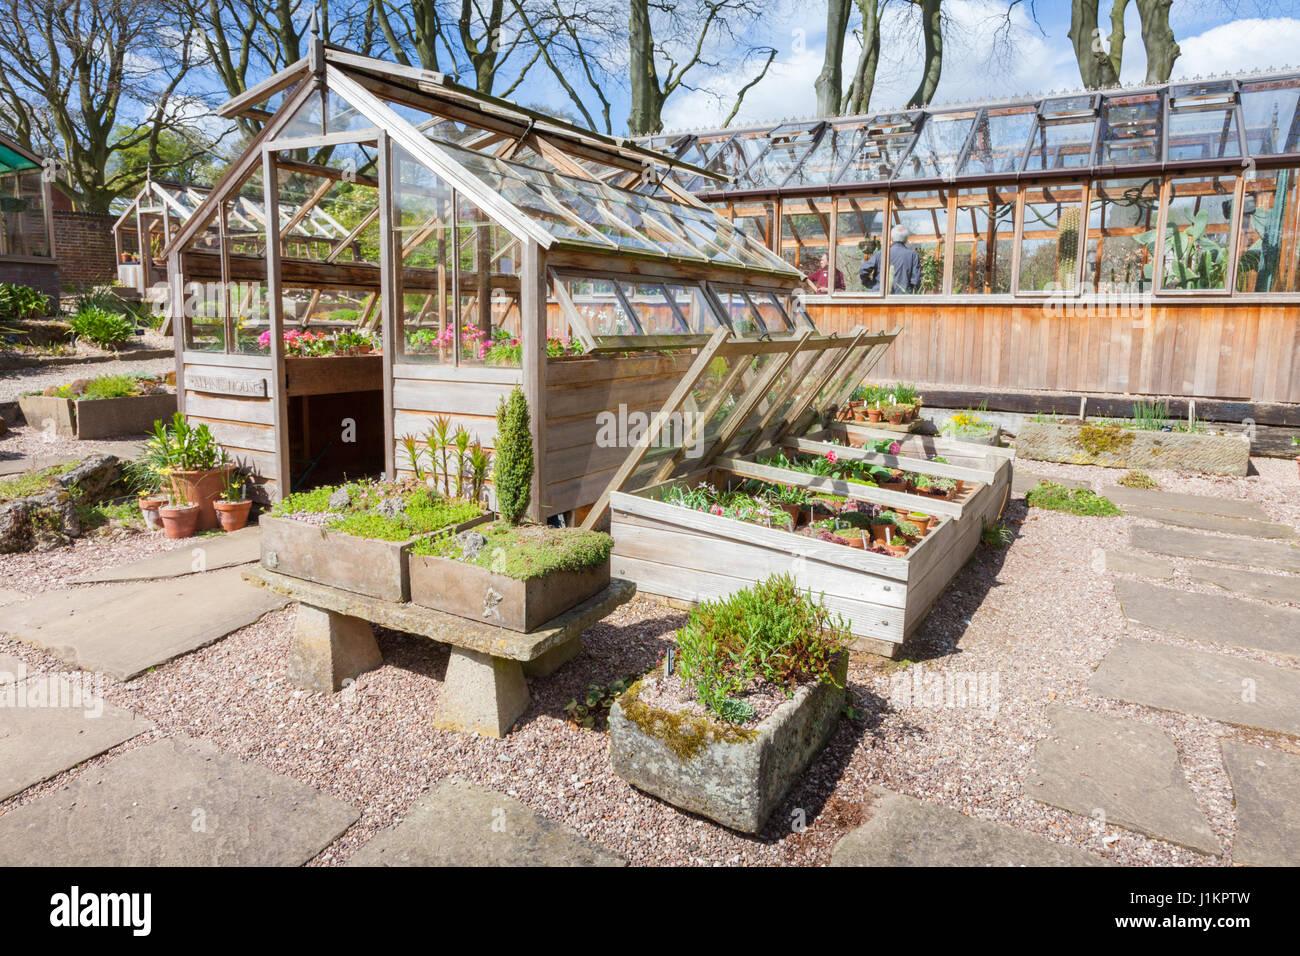 Fachwerk gew chshaus westbourne house birmingham uk garten stockfoto bild 138732633 alamy - Gewachshaus garten ...